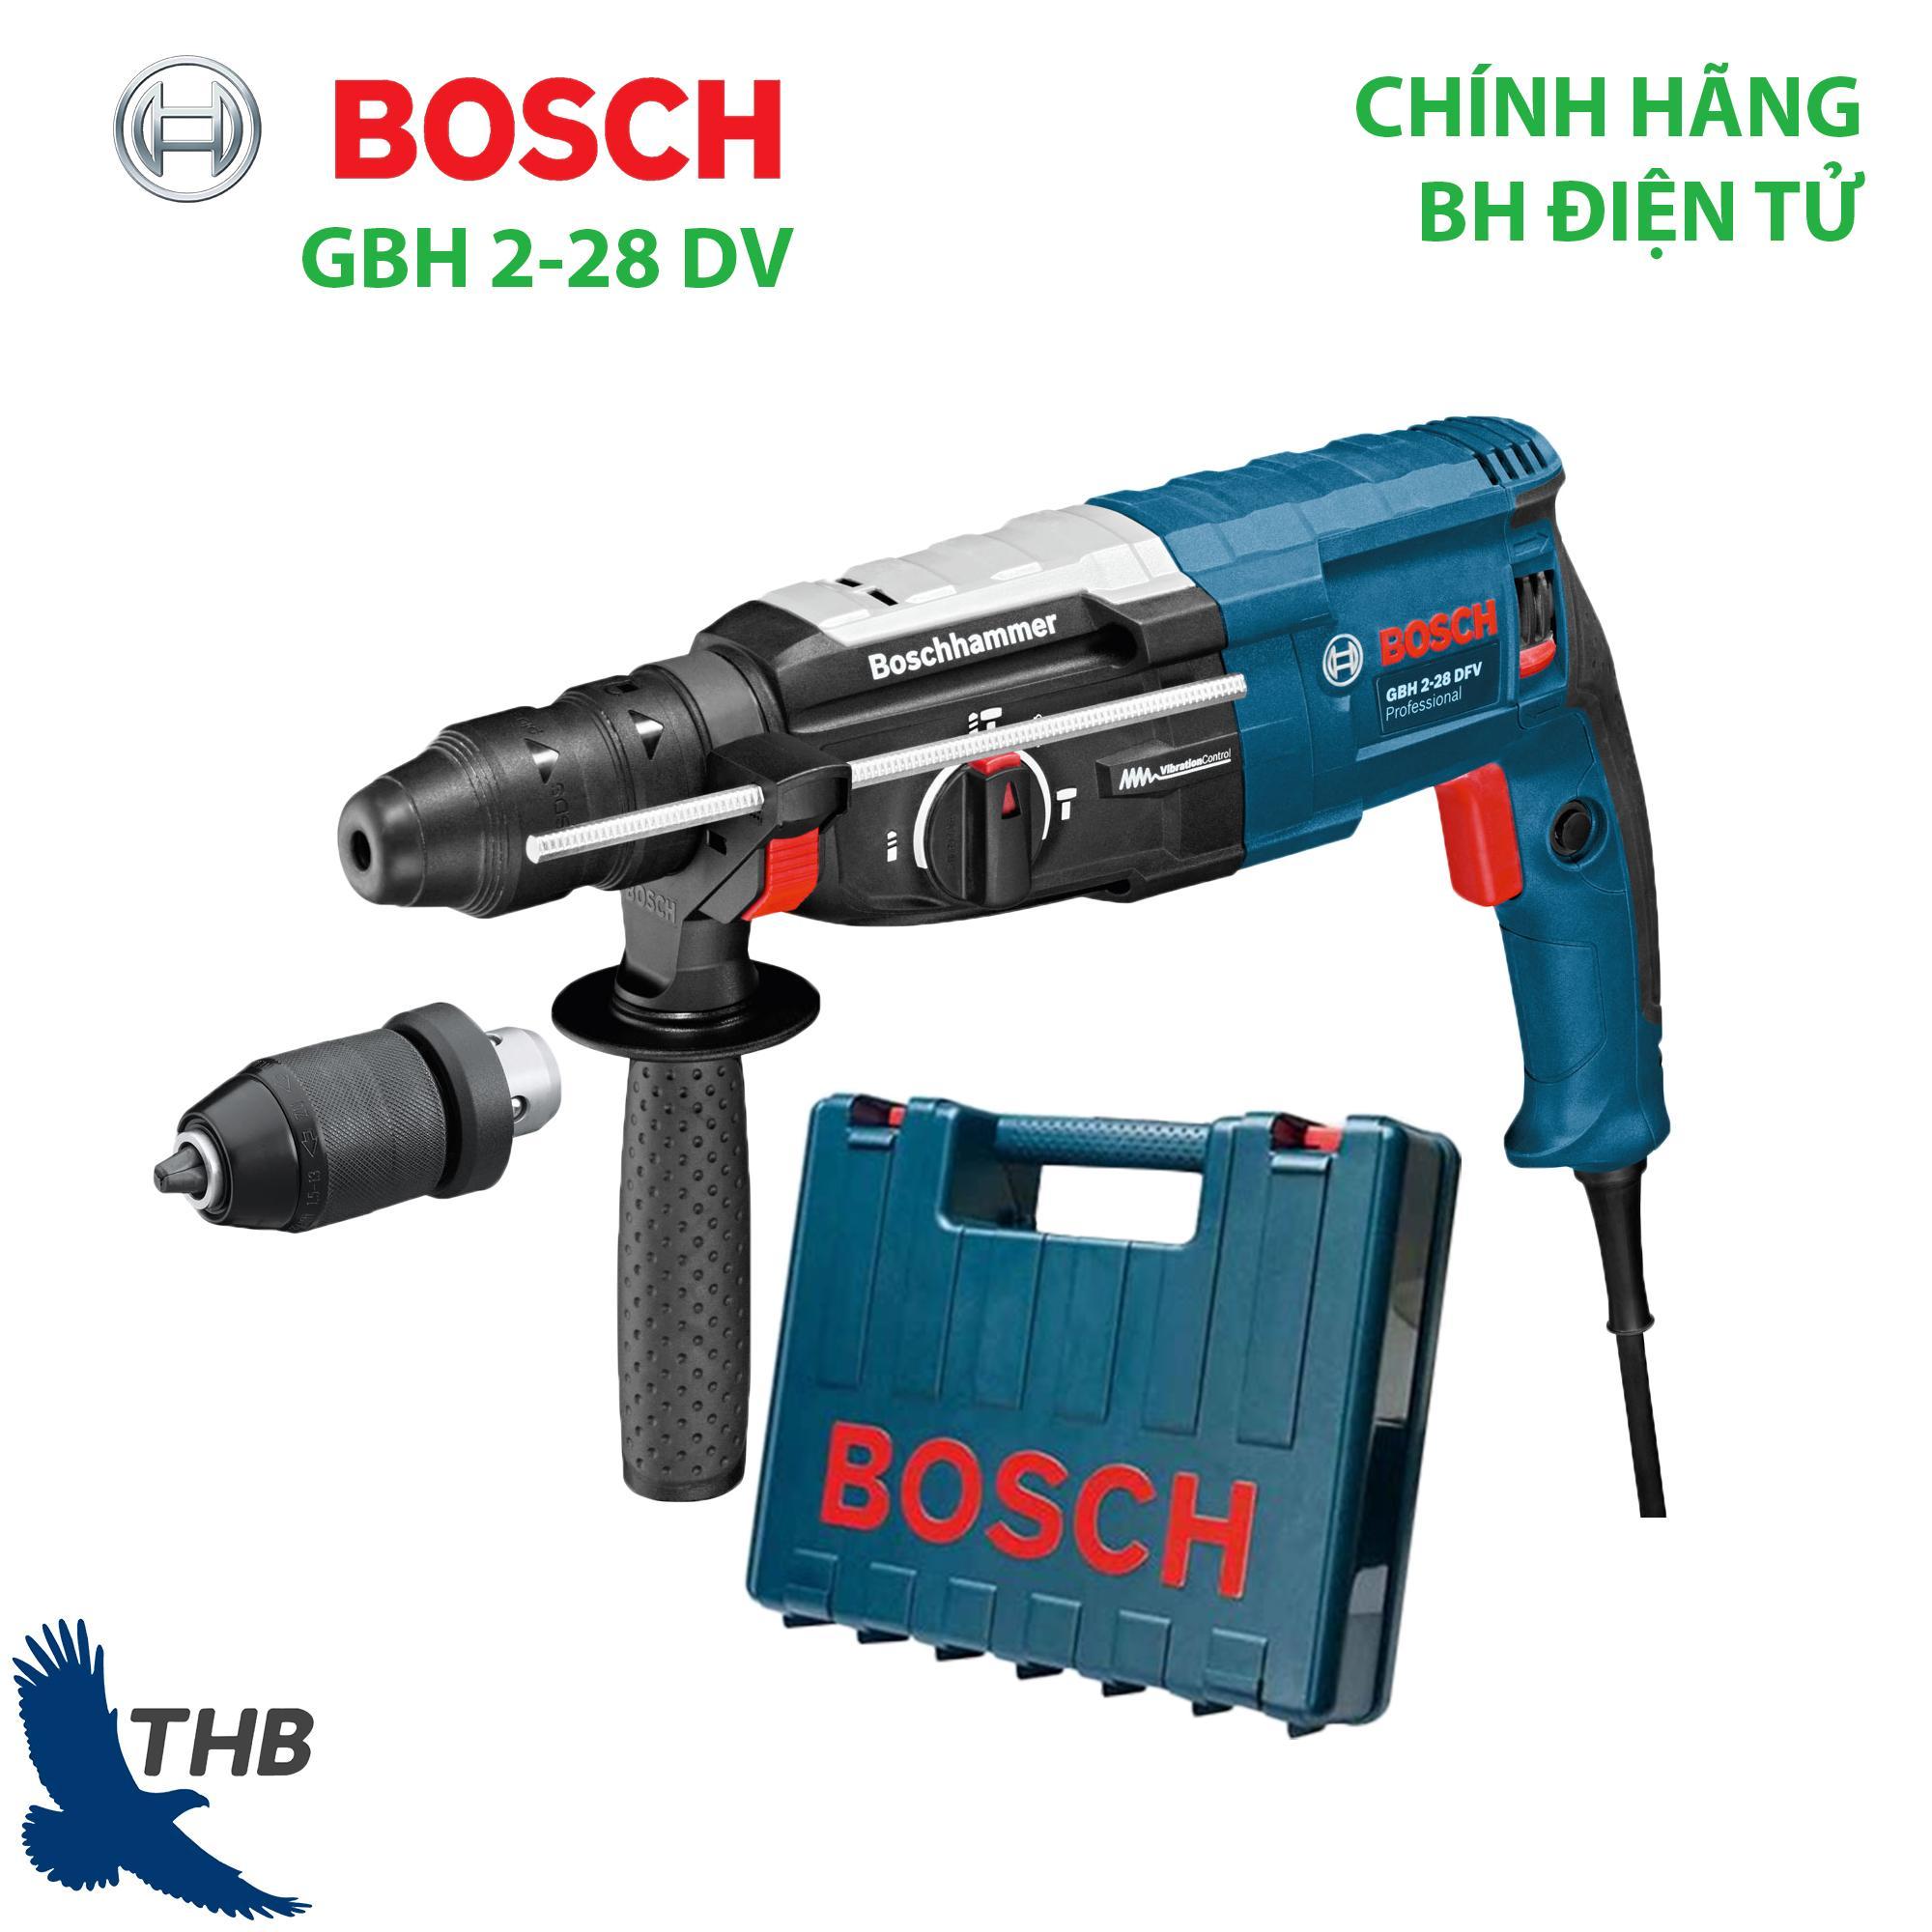 Máy khoan búa Máy khoan đục bê tông Bosch GBH 2-28 DFV Chống rung Thay đầu cặp dễ dàng